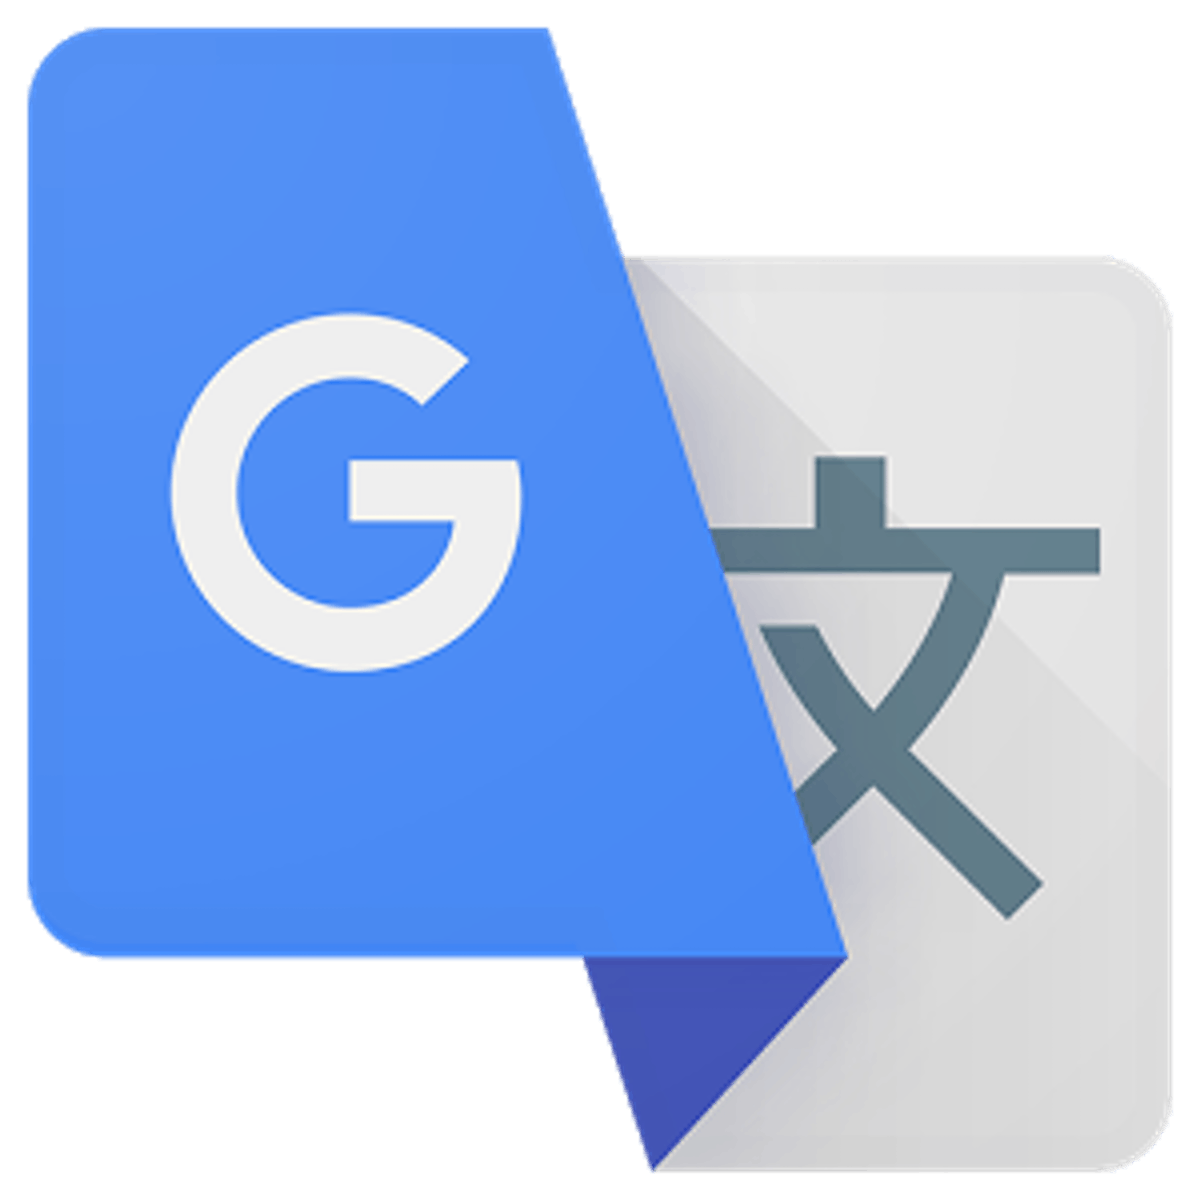 دانلود Google Translate 5.16.0 آپدیت جدید برنامه مترجم گوگل ترنسلیت برای اندروید + آیفون